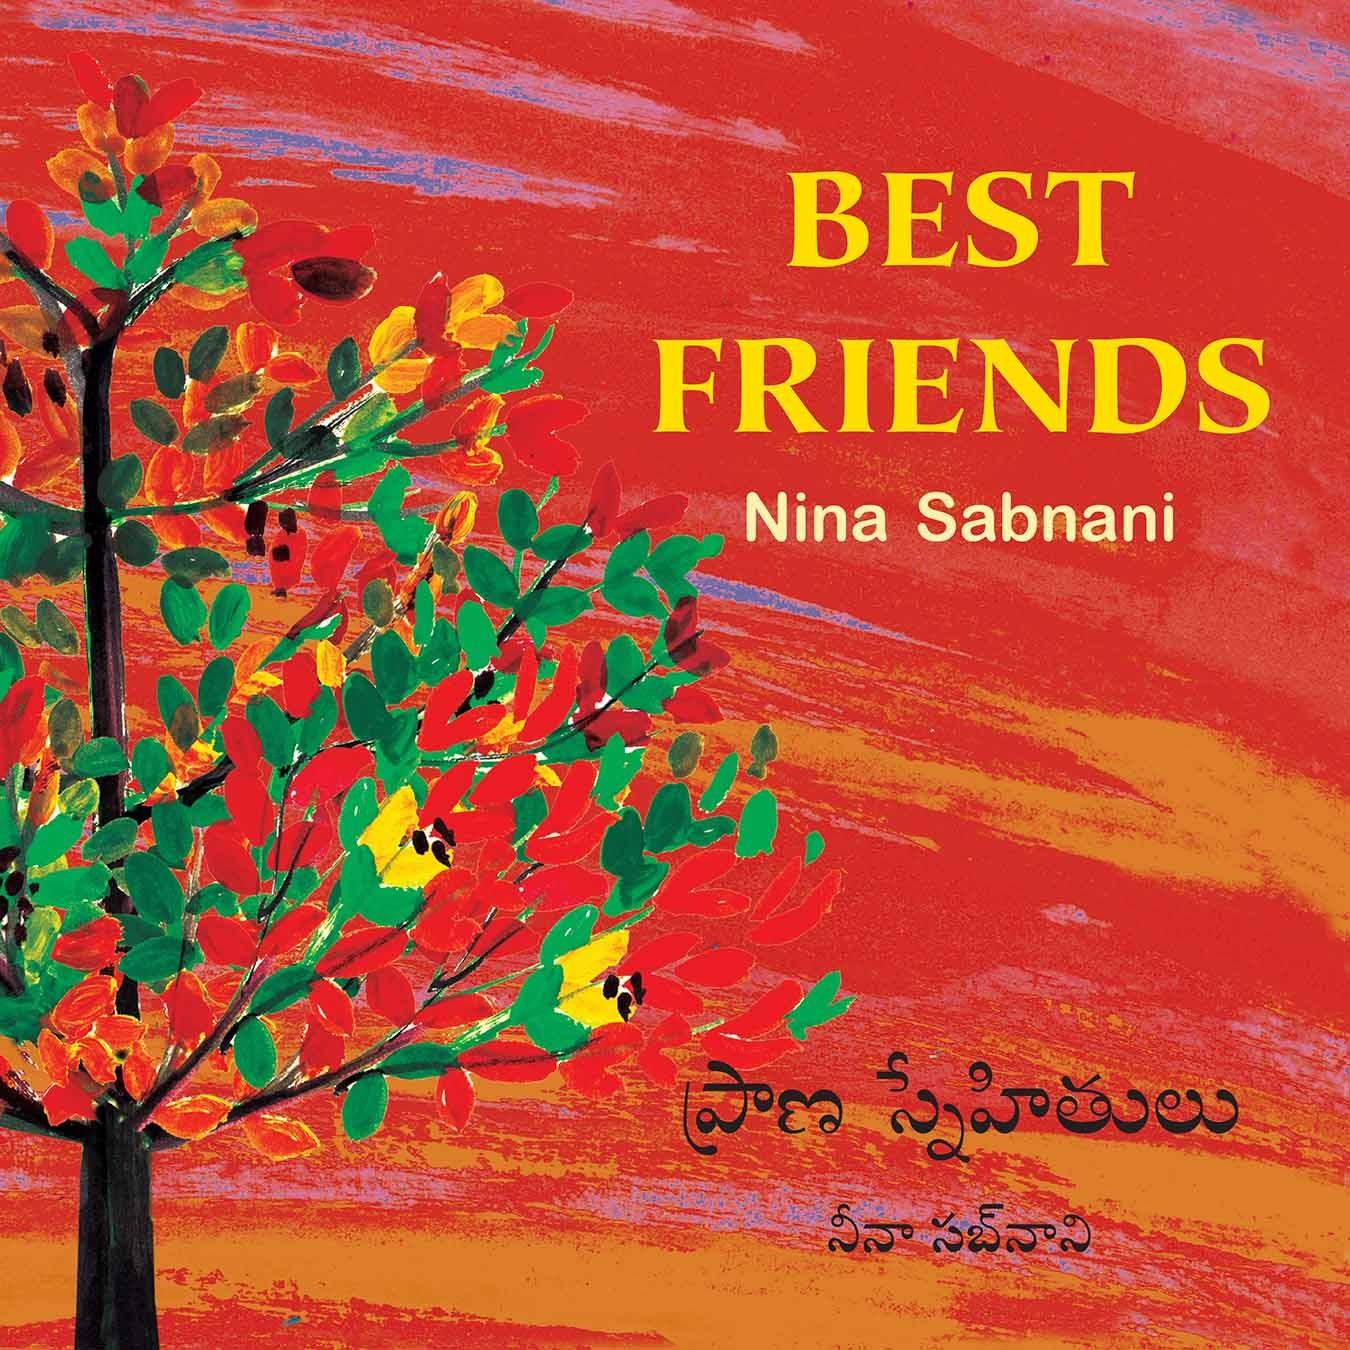 Best Friends/Praana Snehitulu (English-Telugu)